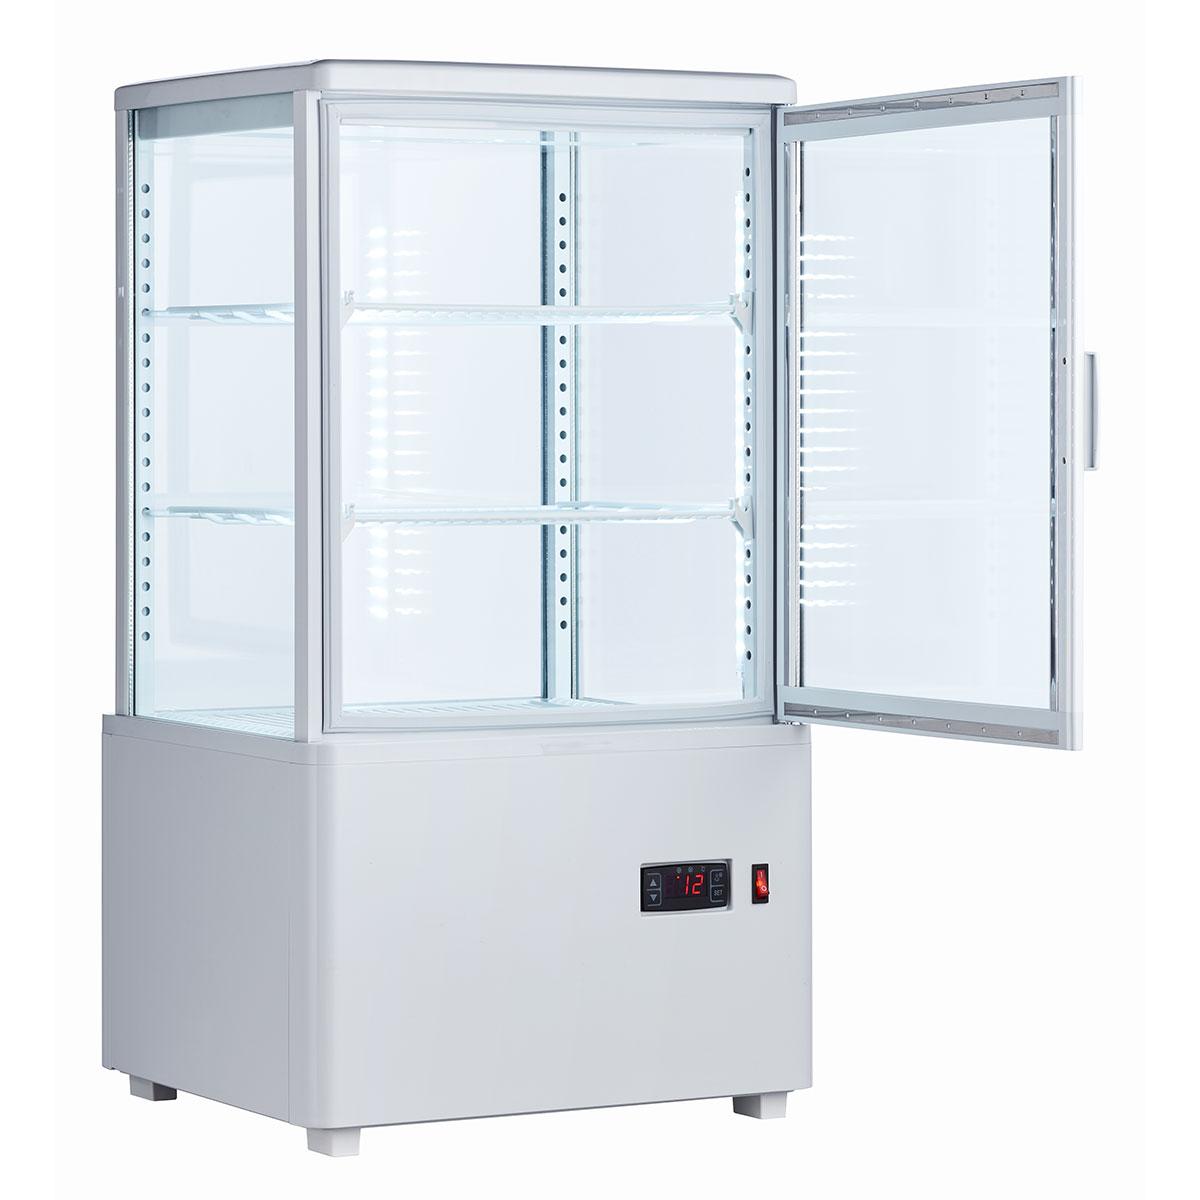 業務用冷蔵ショーケース 冷蔵庫 ショーケース 大型 送料無料 4面ガラス 【アウトレットSALE特価!】冷蔵ショーケース60L/ホワイト【HJR-FG60SWTAR】業務用冷蔵庫 小型 卓上 4面ガラス冷蔵ショーケース 送料無料 フリーザー ショーケース